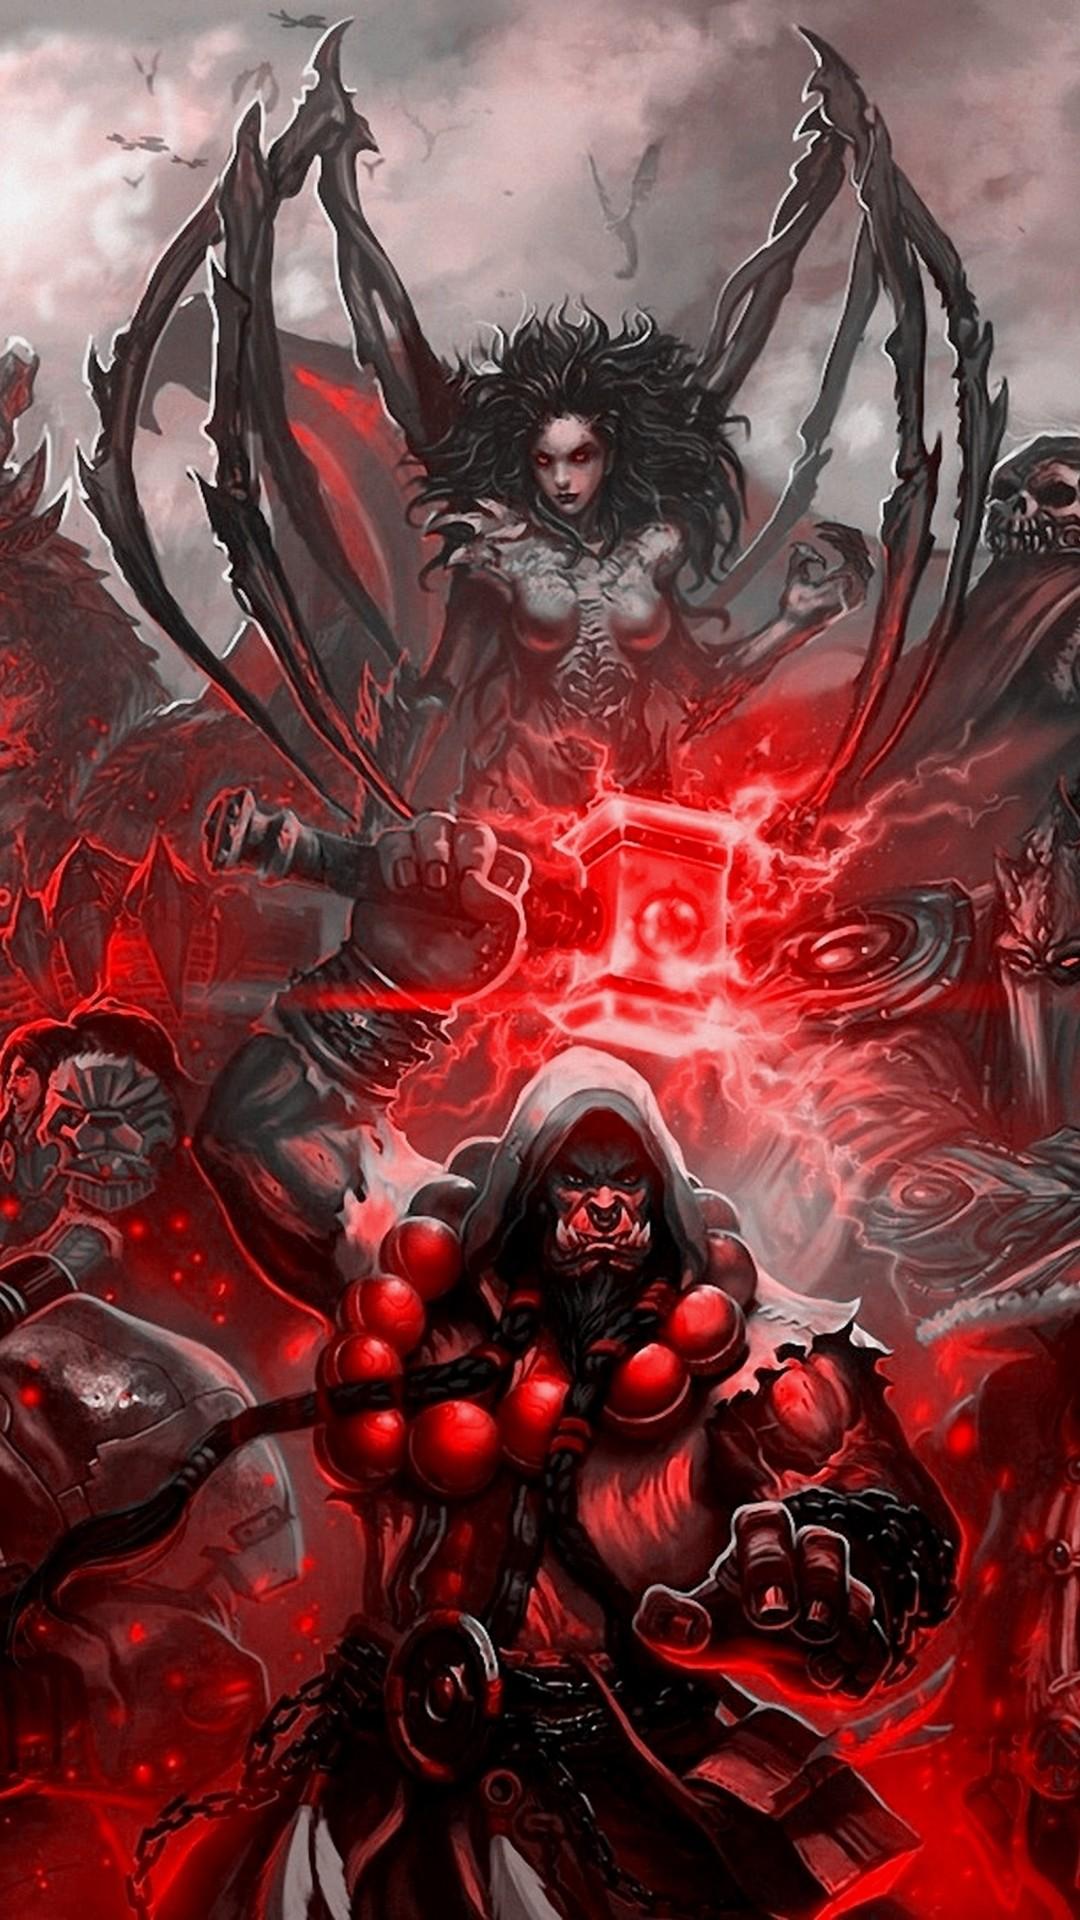 HD World of Warcraft Wallpapers | Download Wallpaper | Pinterest | Wallpaper